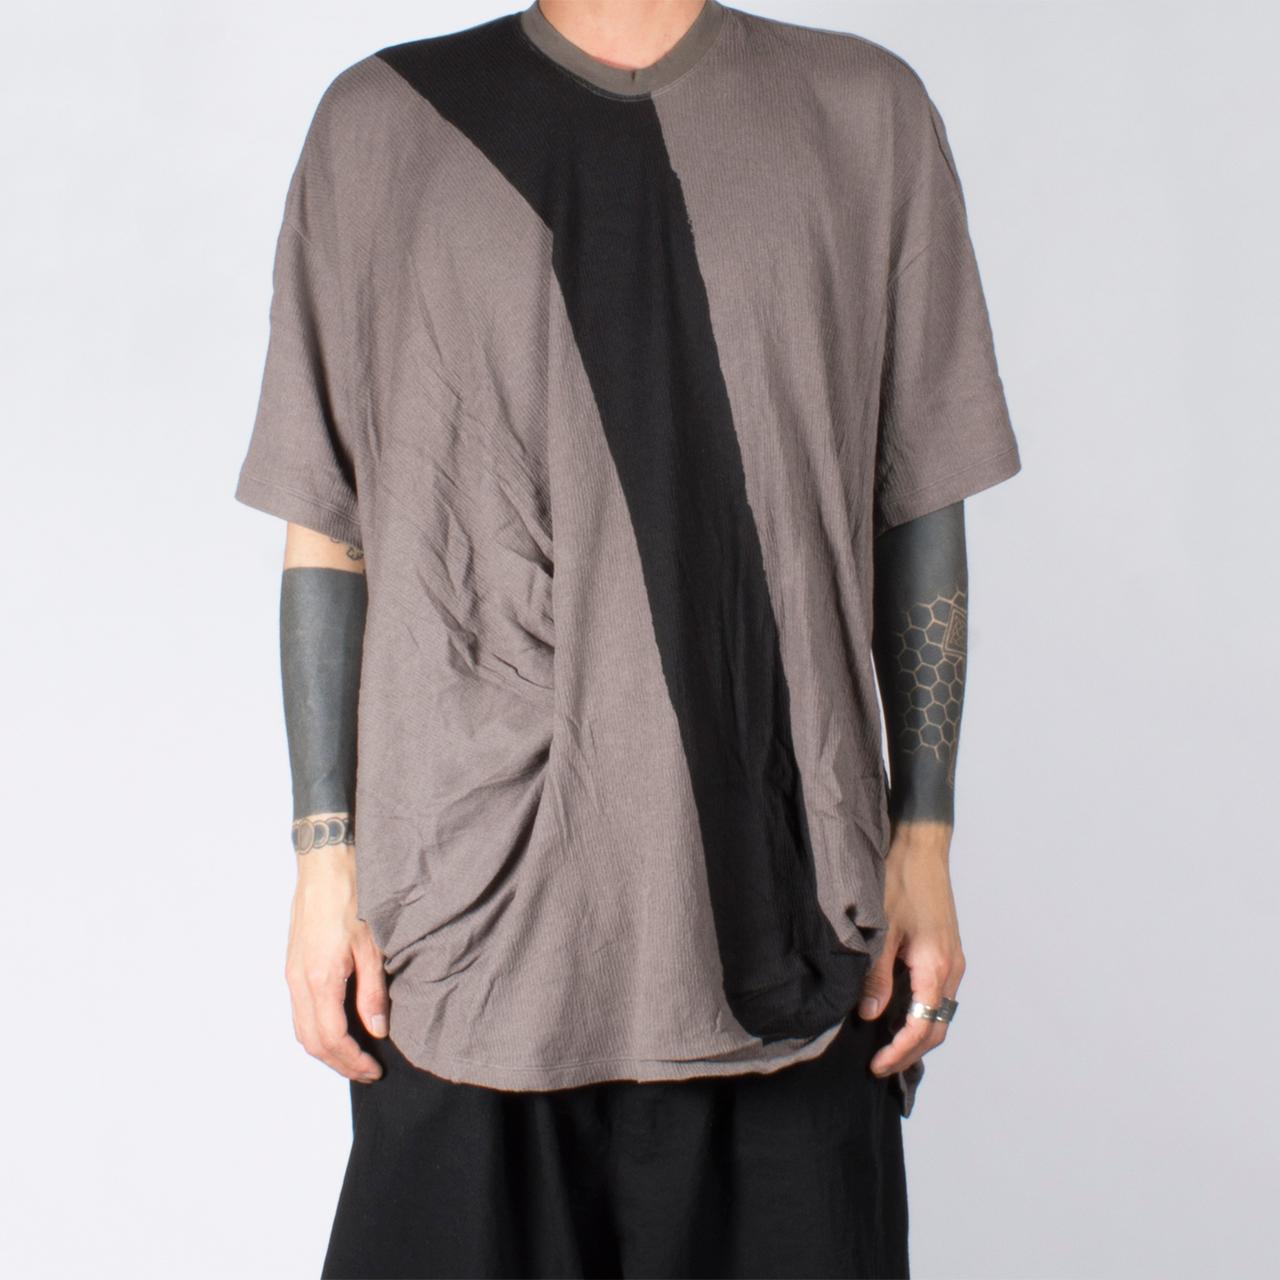 697CUM7-P-GRAY / フロントドレープ Tシャツ